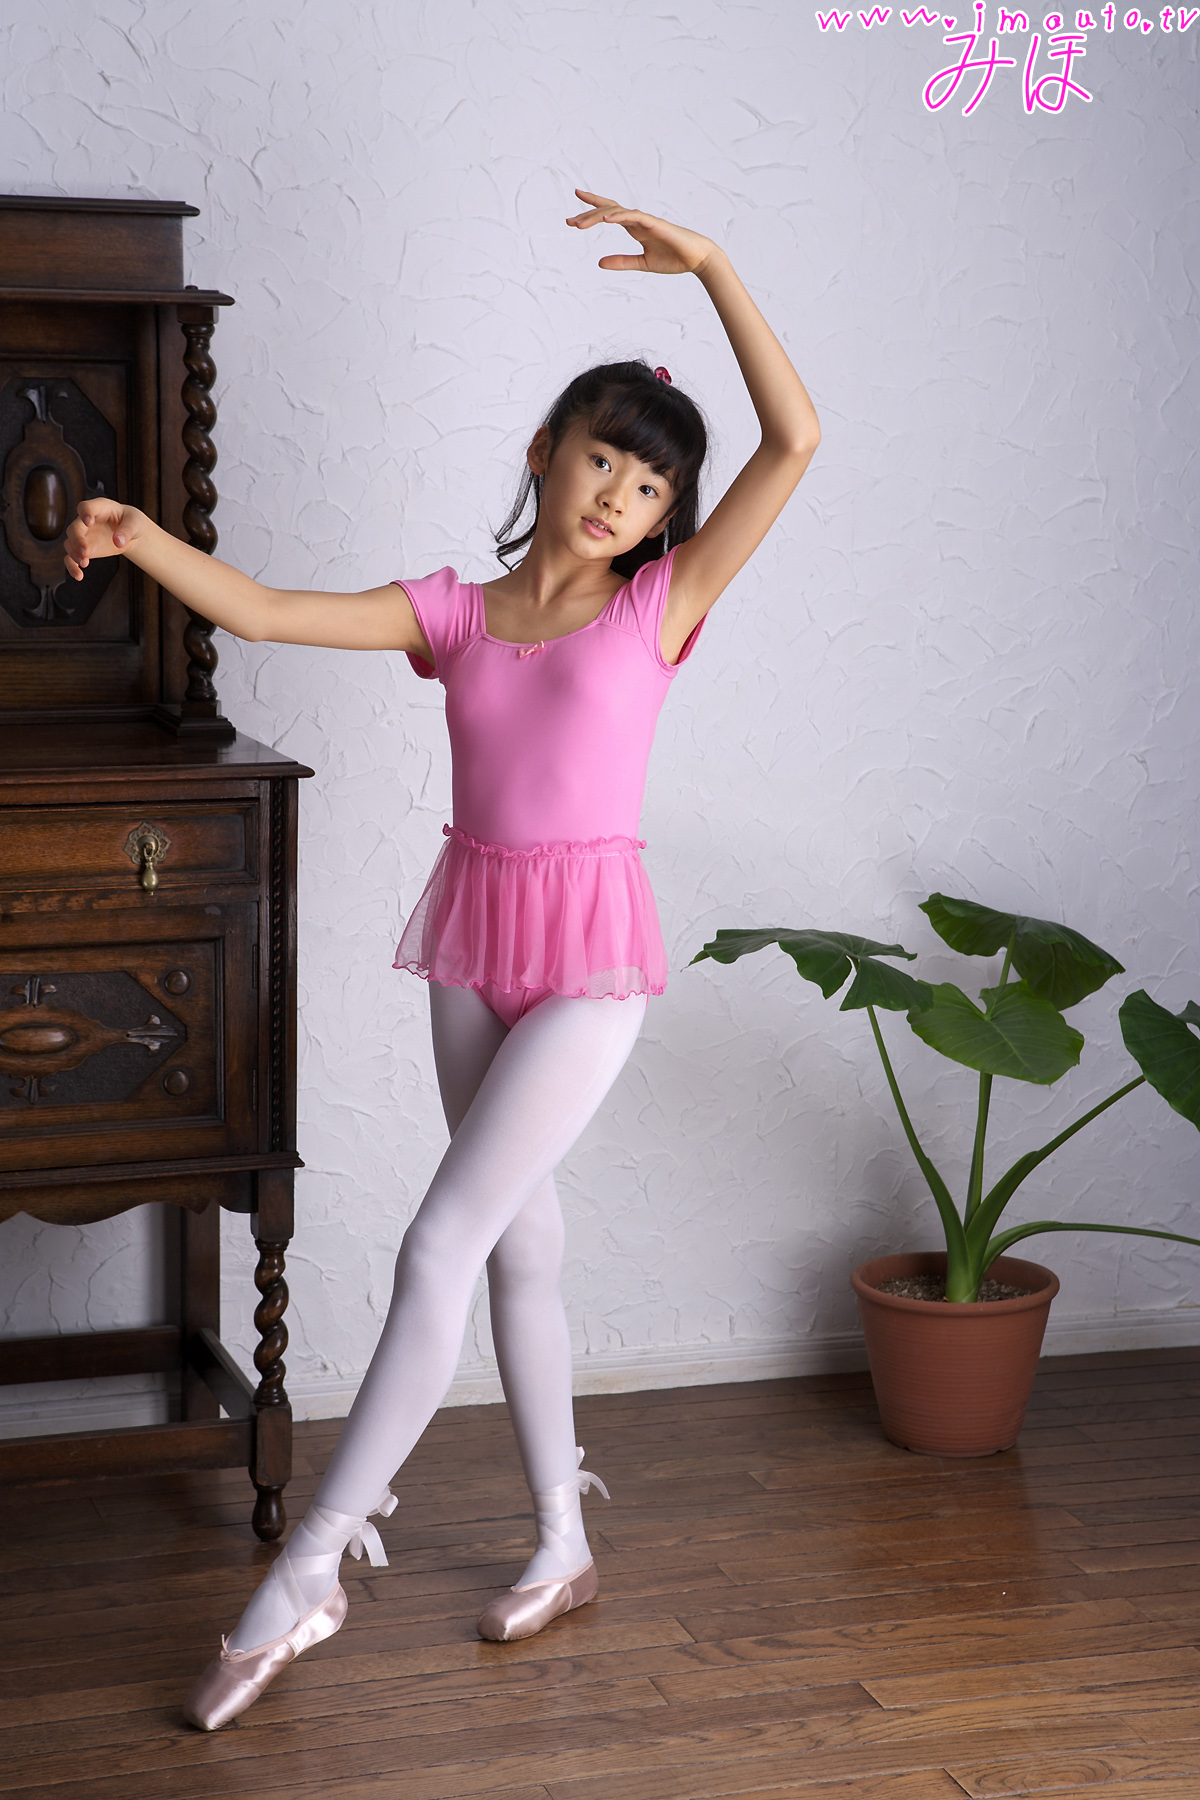 金子美穗跳芭蕾舞-亚洲童星-可爱小女孩 - powered by